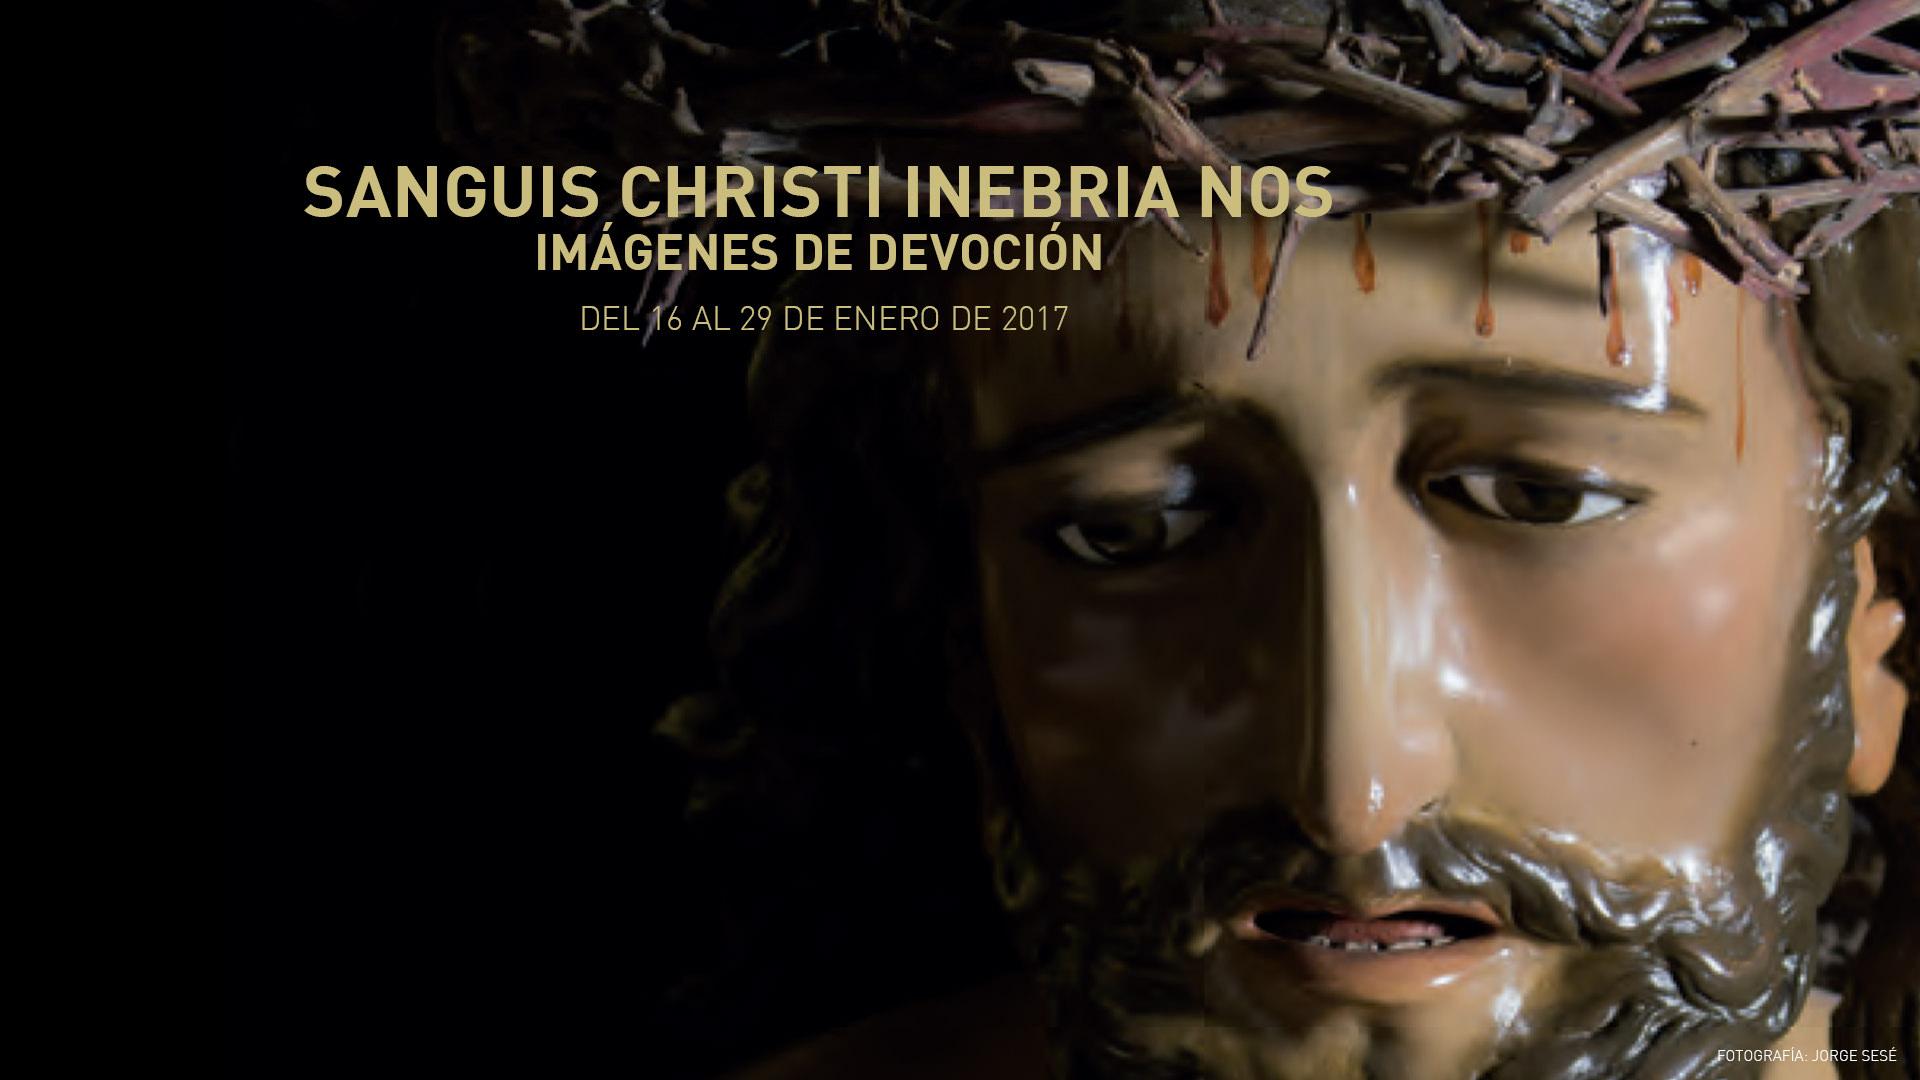 SANGUIS CHRISTI INEBRIA NOS 2